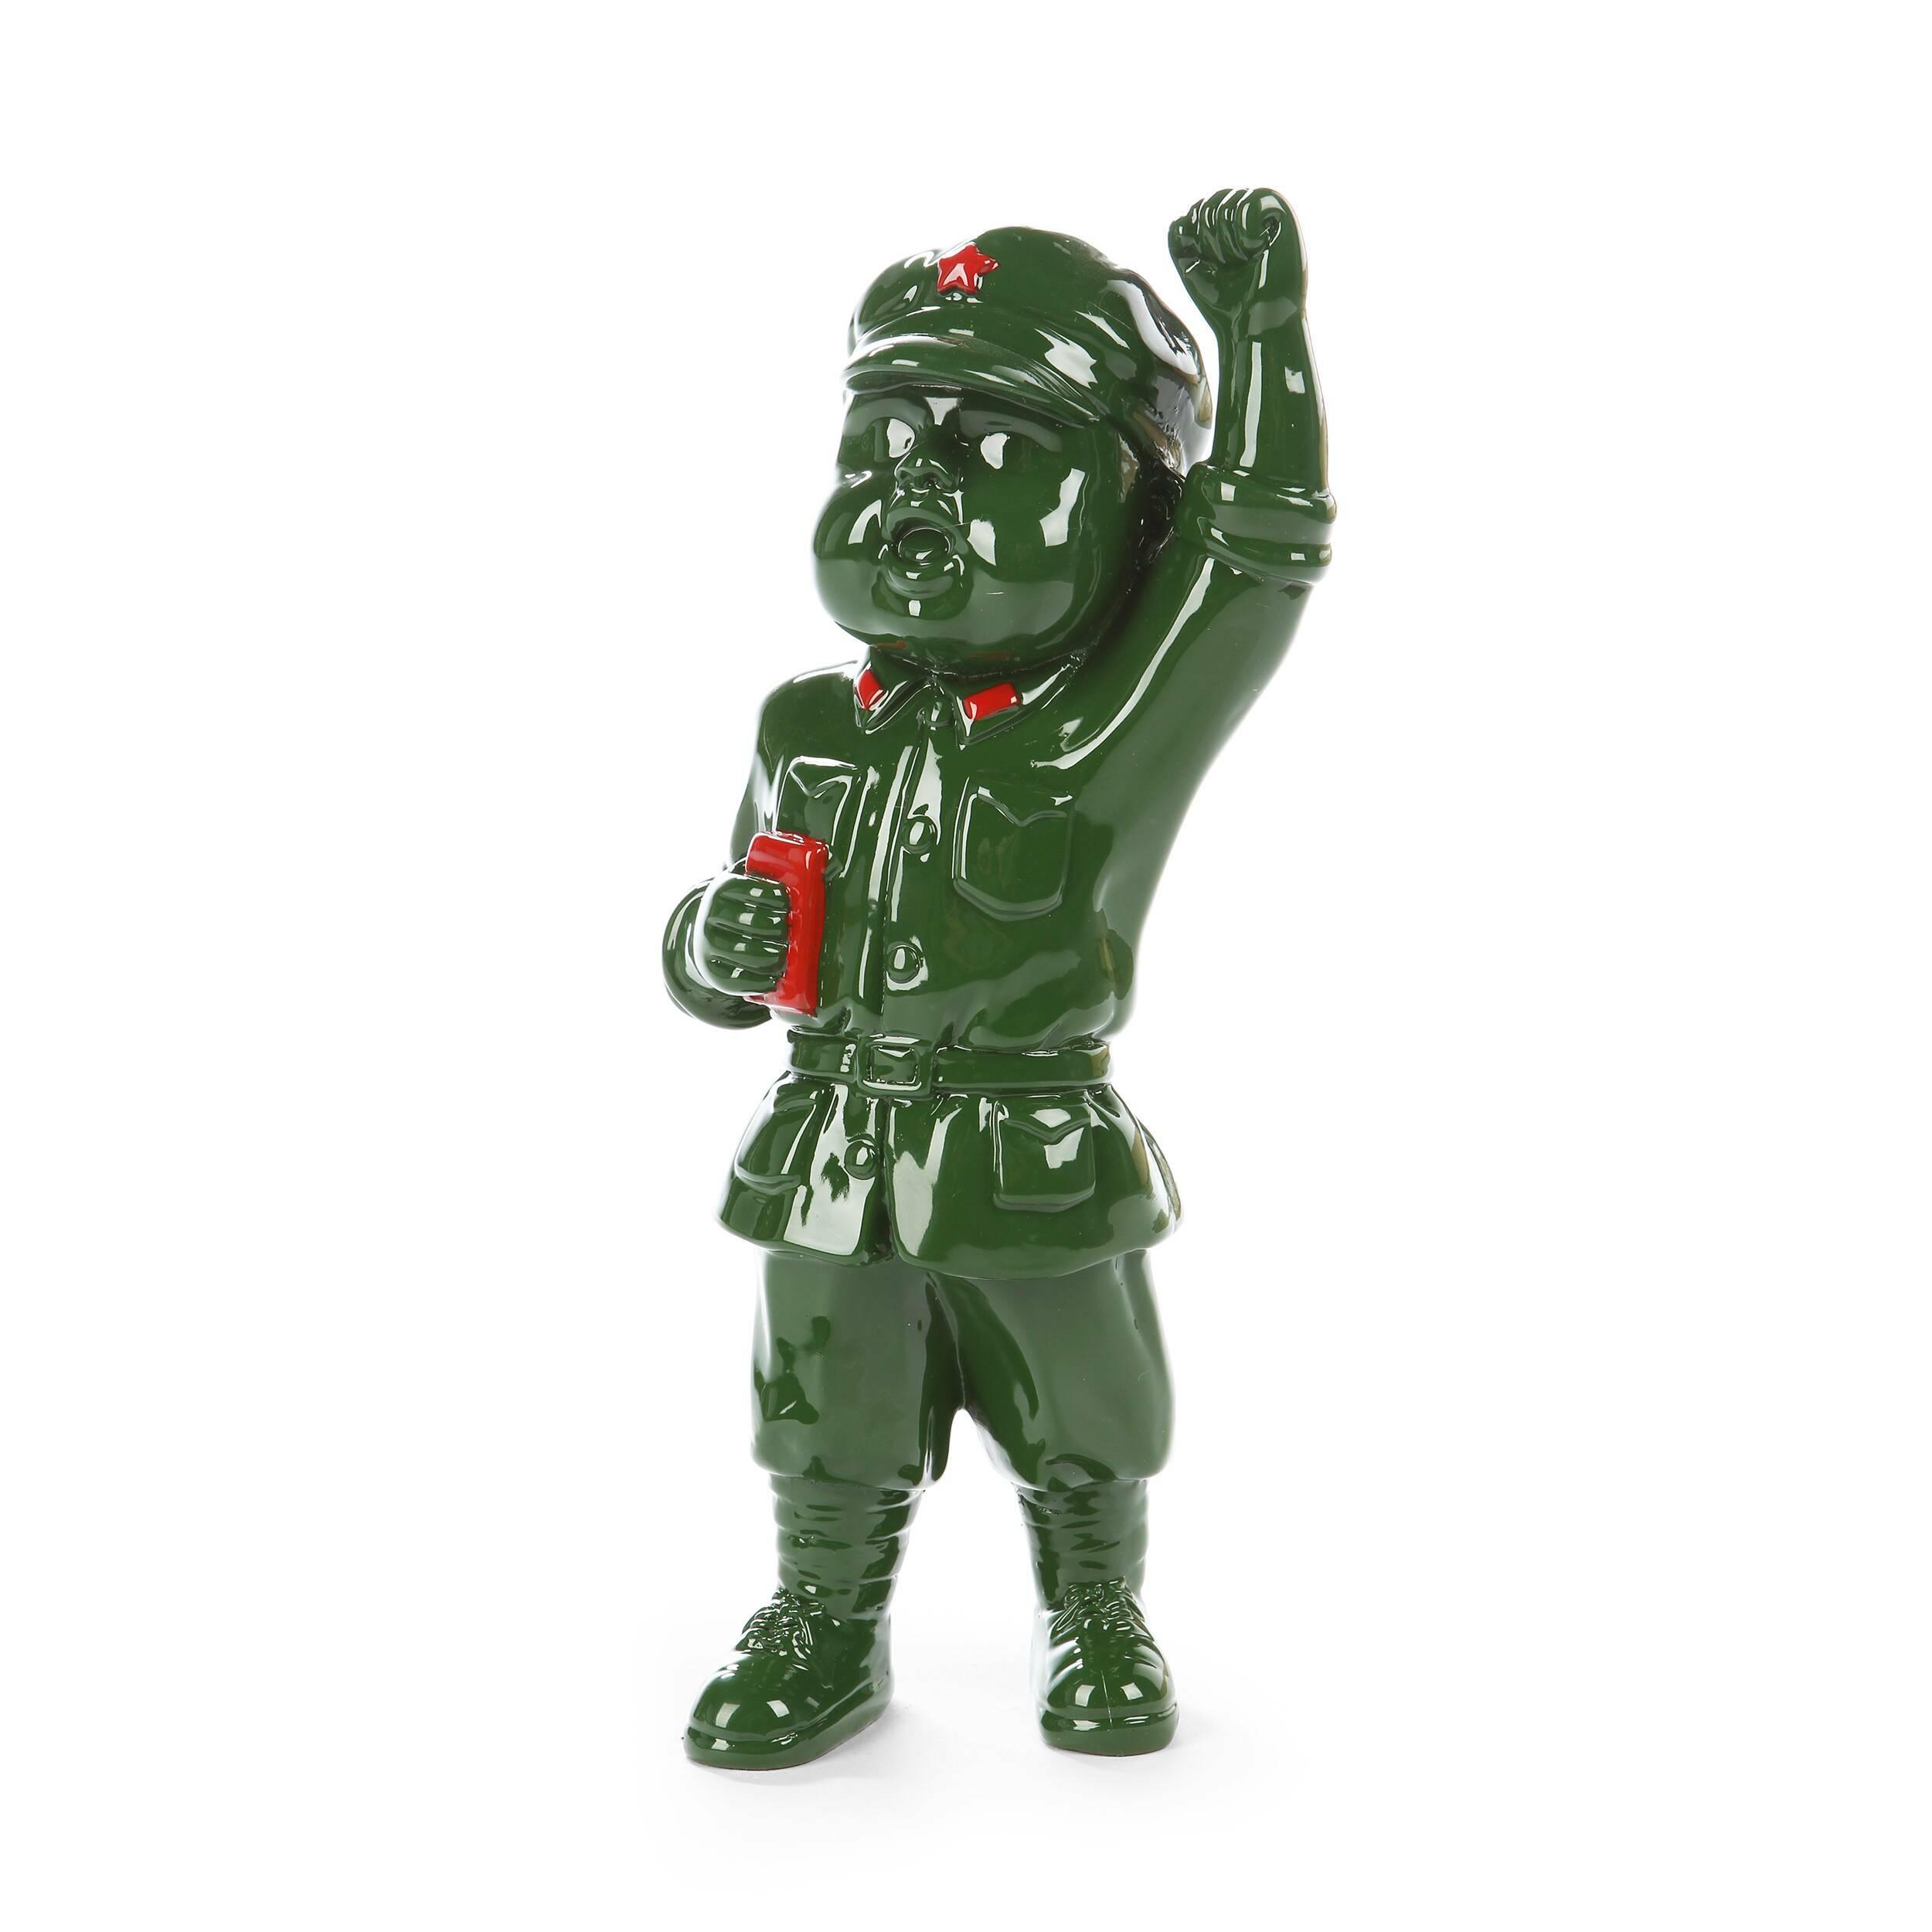 Статуэтка Military Man 10Настольные<br>Дизайнерская настольная зеленая статуэтка Military Man (Милитэри Мэн) из полистоуна от Cosmo (Космо).<br> Красивые и стильные элементы декора создаются опытными дизайнерами, которые знают, как освежить и оживить помещение, как раскрыть характер пространства и придать ему свою уникальную атмосферу. Декор может быть ярким и красочным или легким и едва заметным — в любом случае он всегда играет особую, важнейшую роль в создании стиля всего интерьера. Для того чтобы поддержать единый стиль помещен...<br><br>stock: 0<br>Высота: 27<br>Ширина: 11<br>Материал: Полистоун<br>Цвет: Зелёный<br>Длина: 13